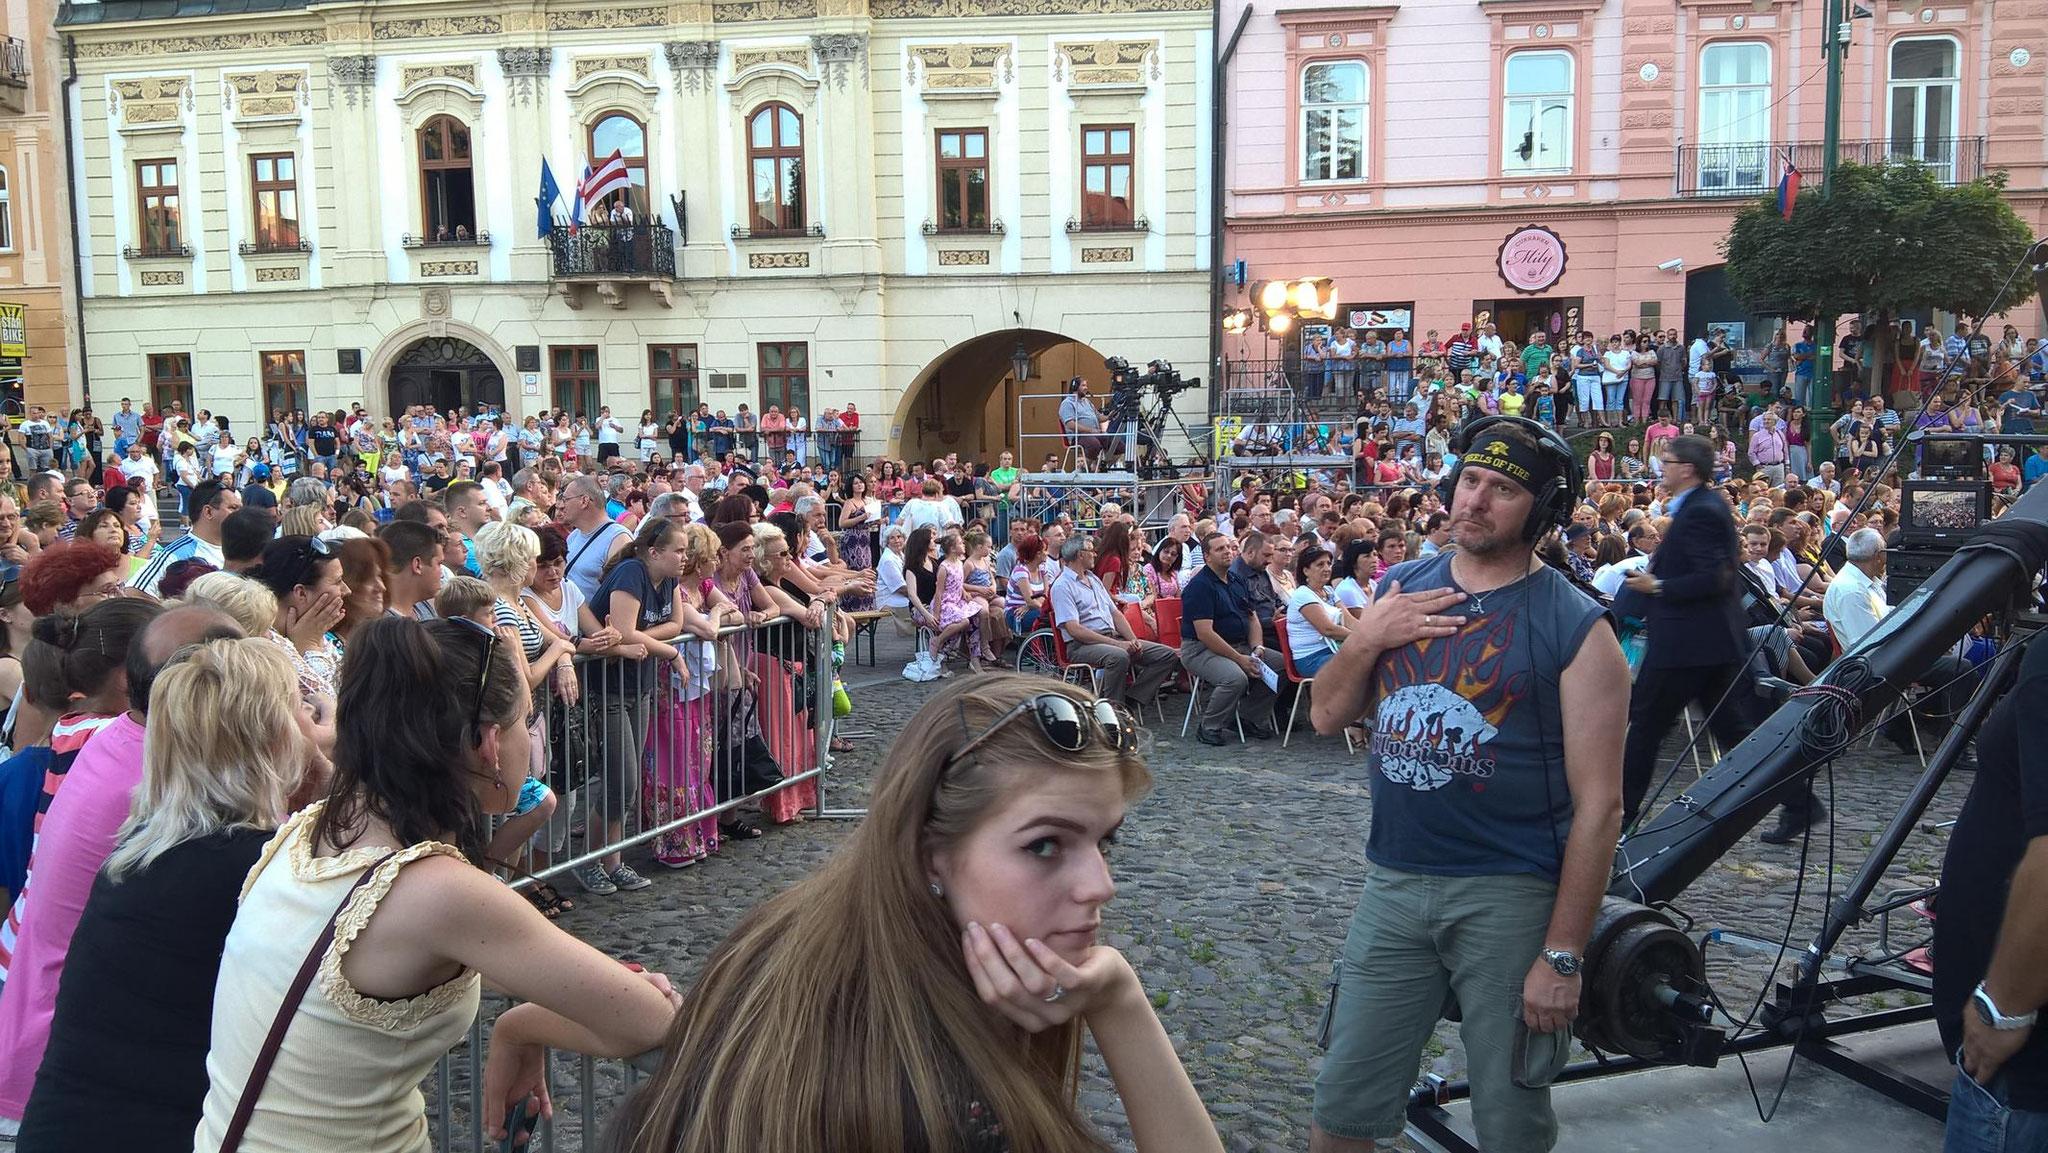 An einem warmen Juli-Abend warten die Einwohner von Presov (Slowakei) auf den Beginn eines Klassikkonzertes, das vom Fernsehen übertragen wird.